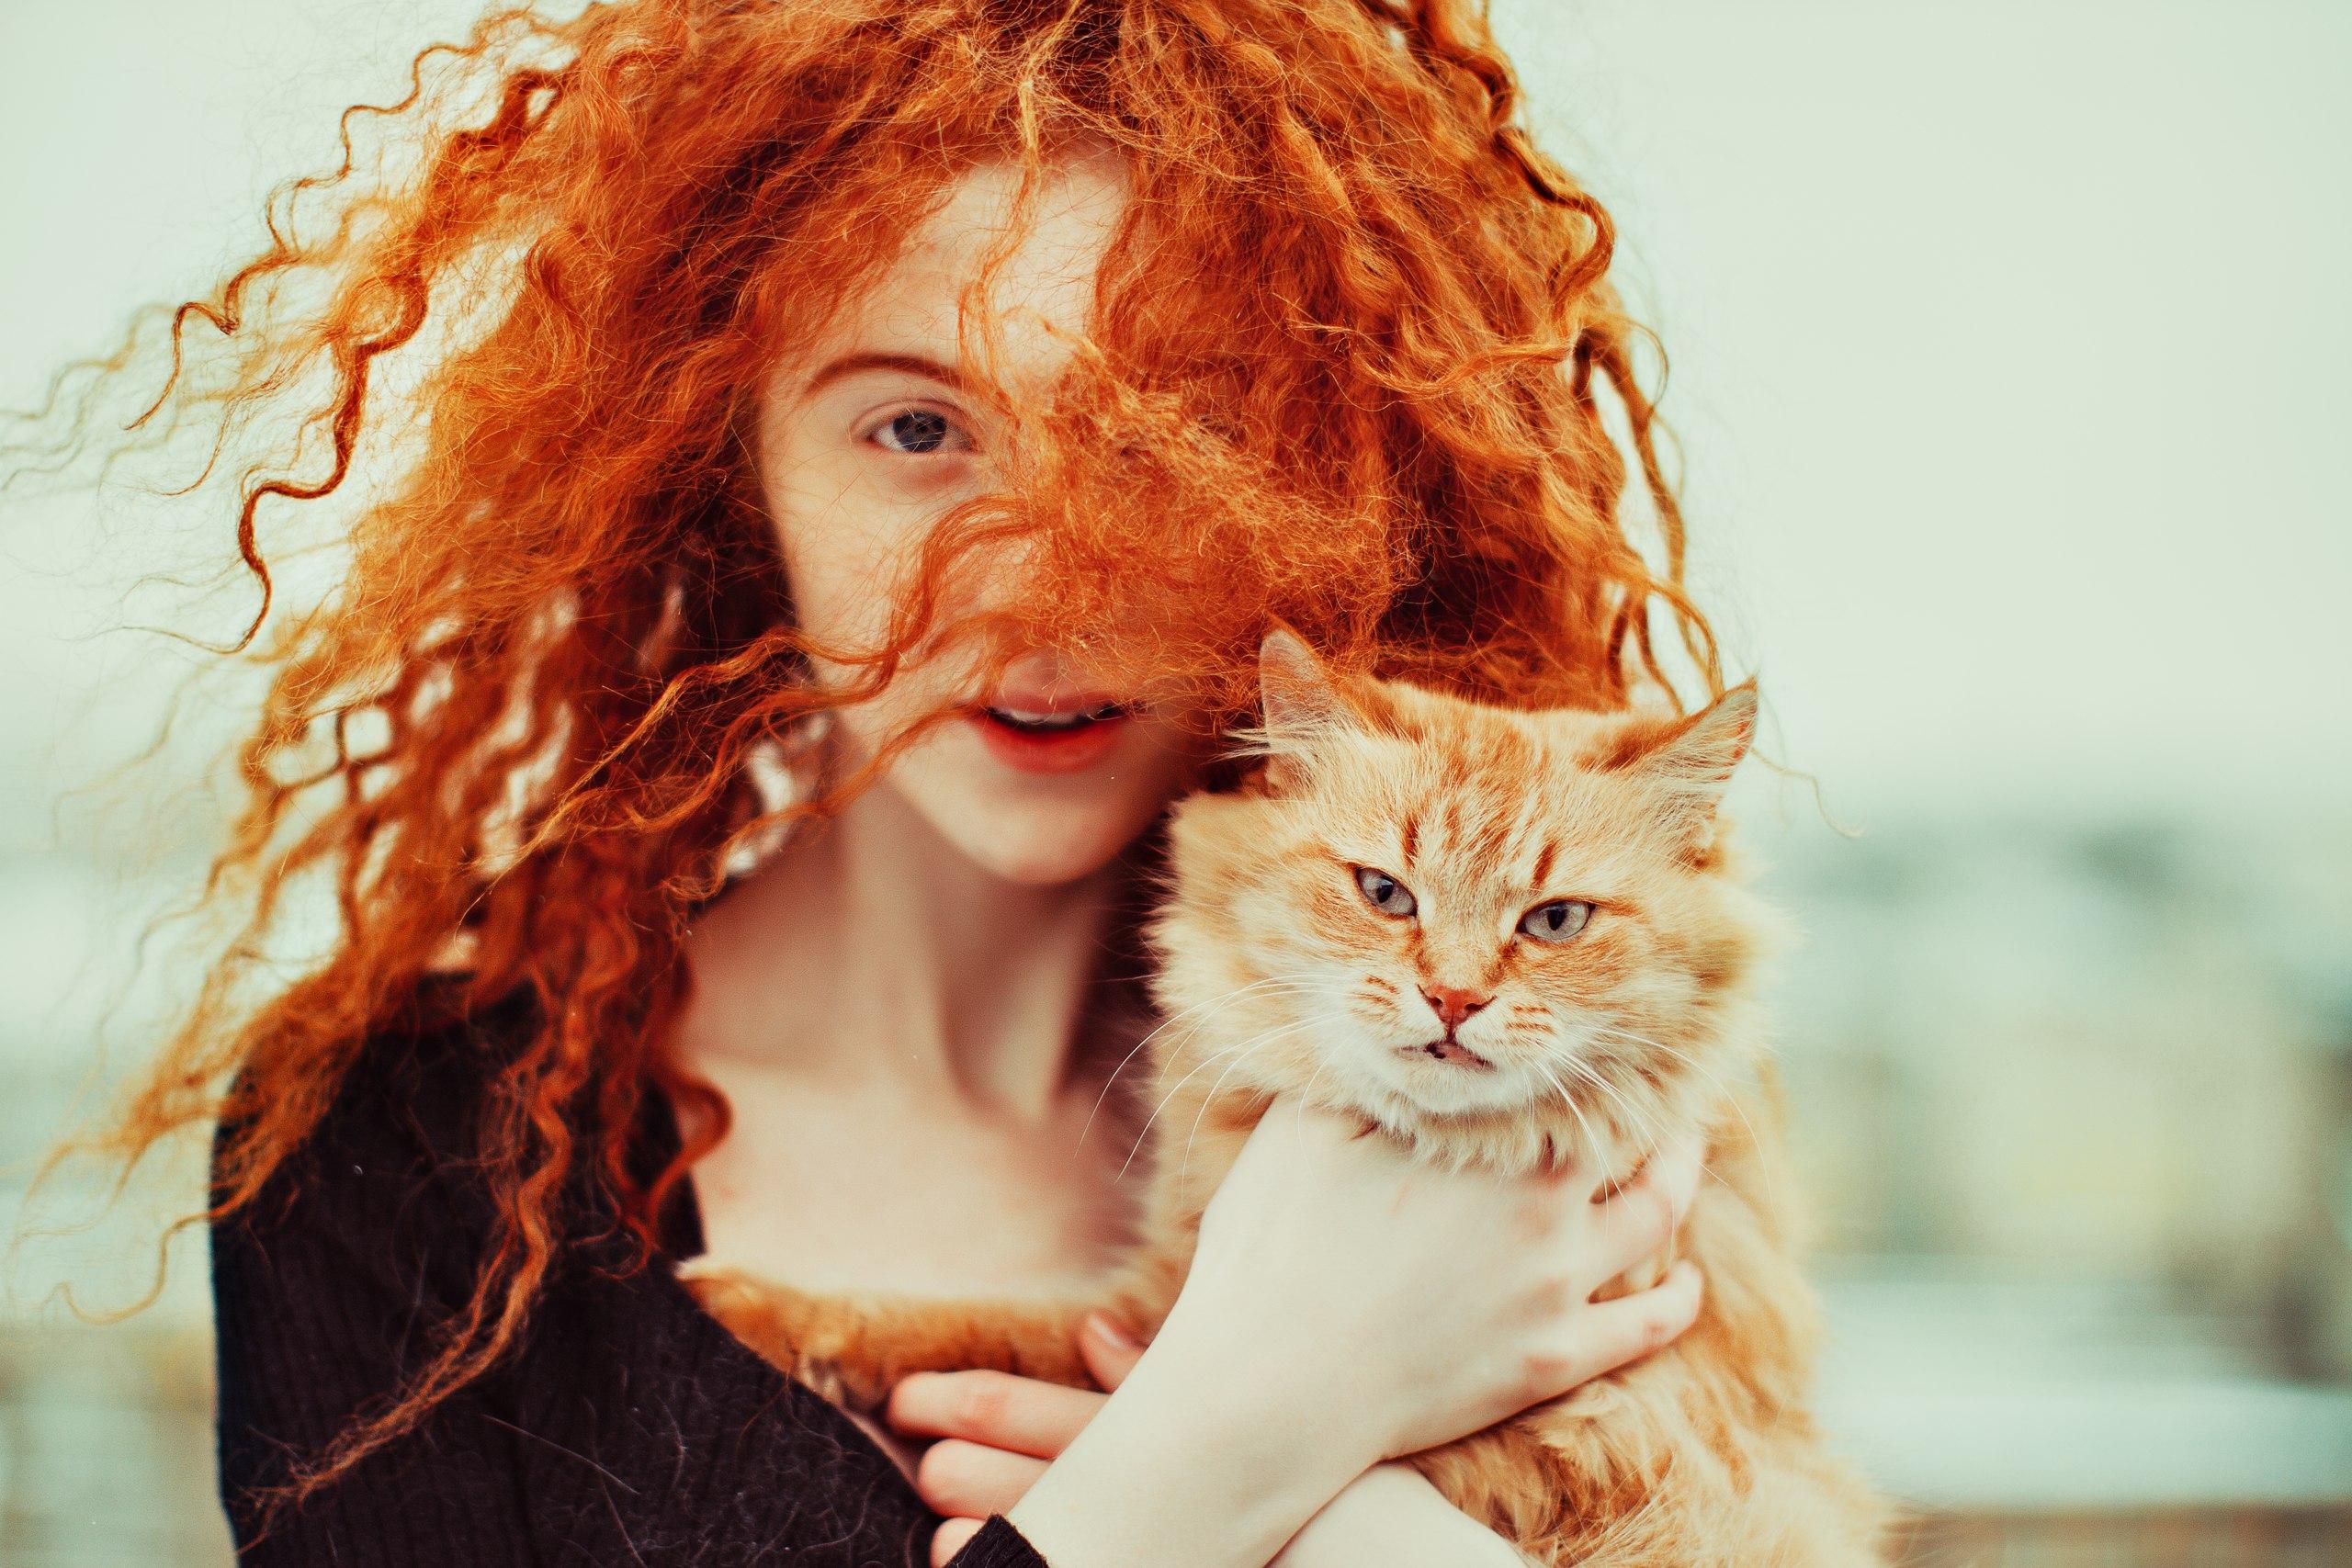 Волосы картинки с котенком